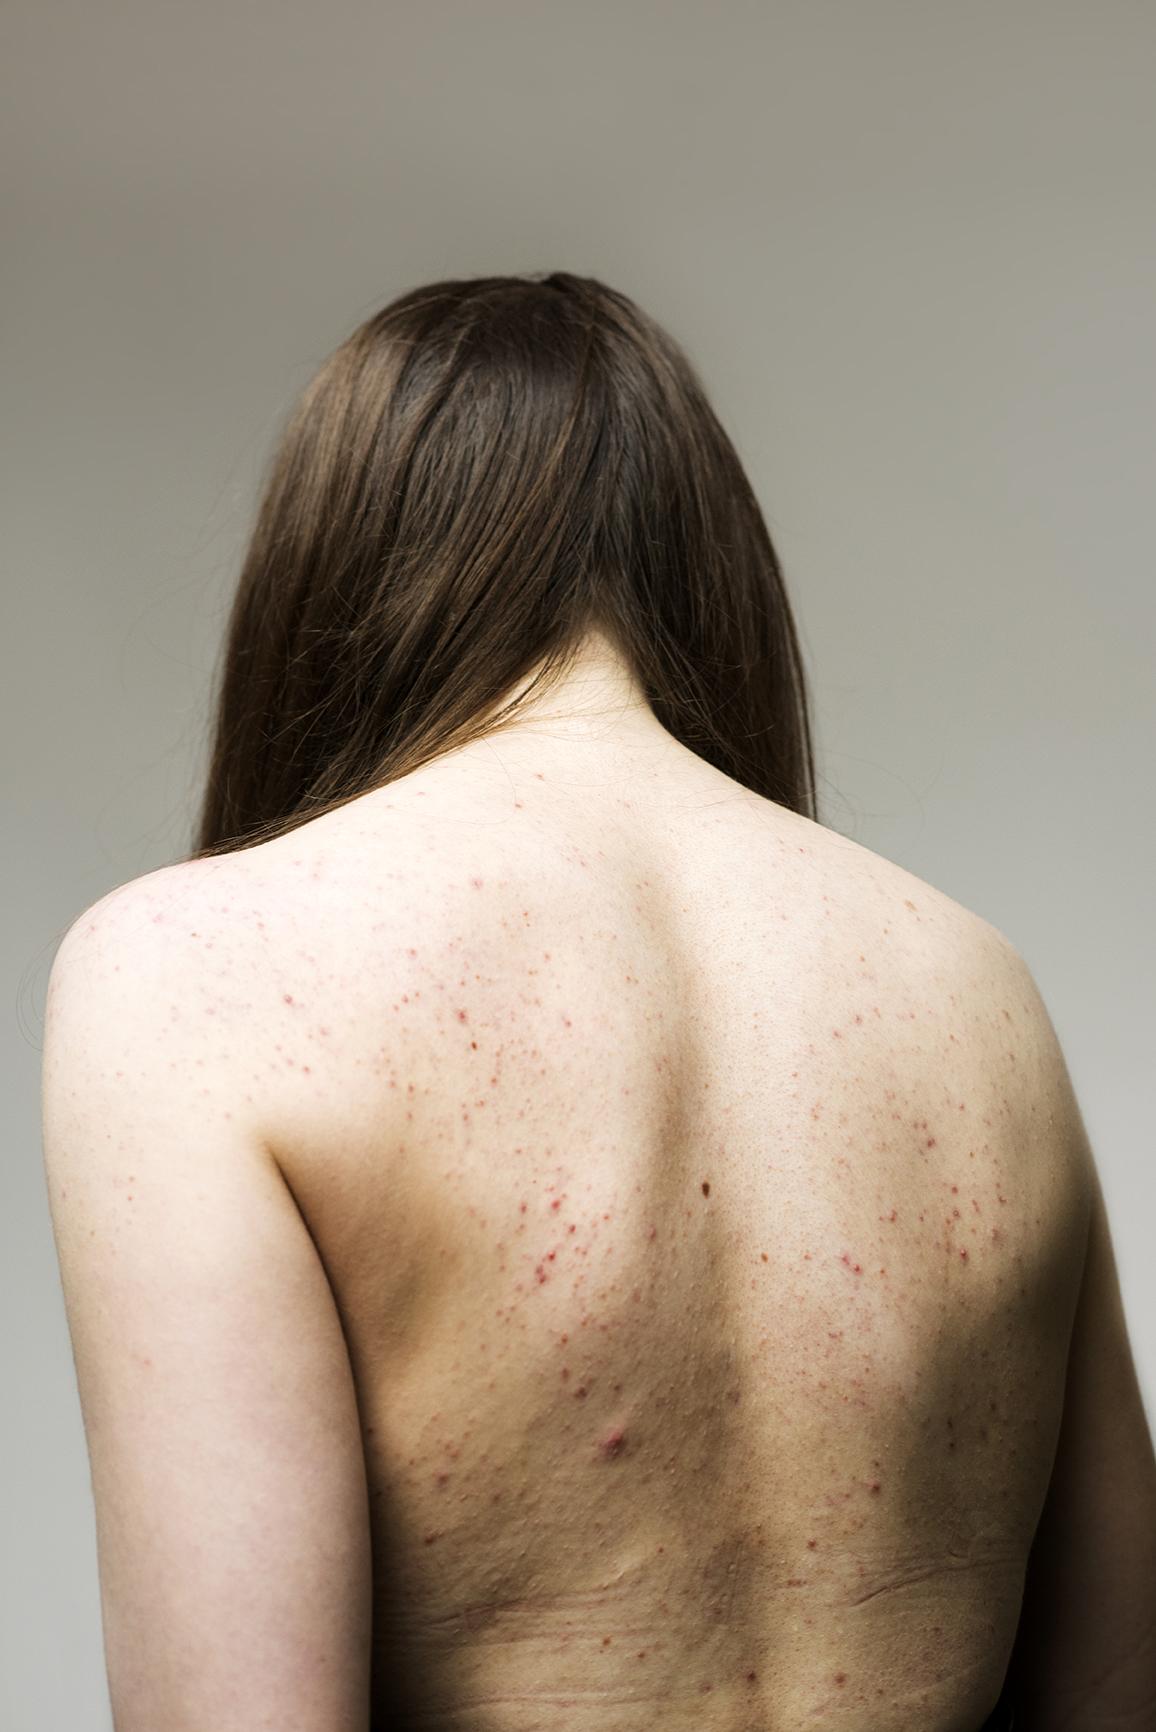 © Sophie Harris - Taylor, courtesy Francesca Maffeo Gallery